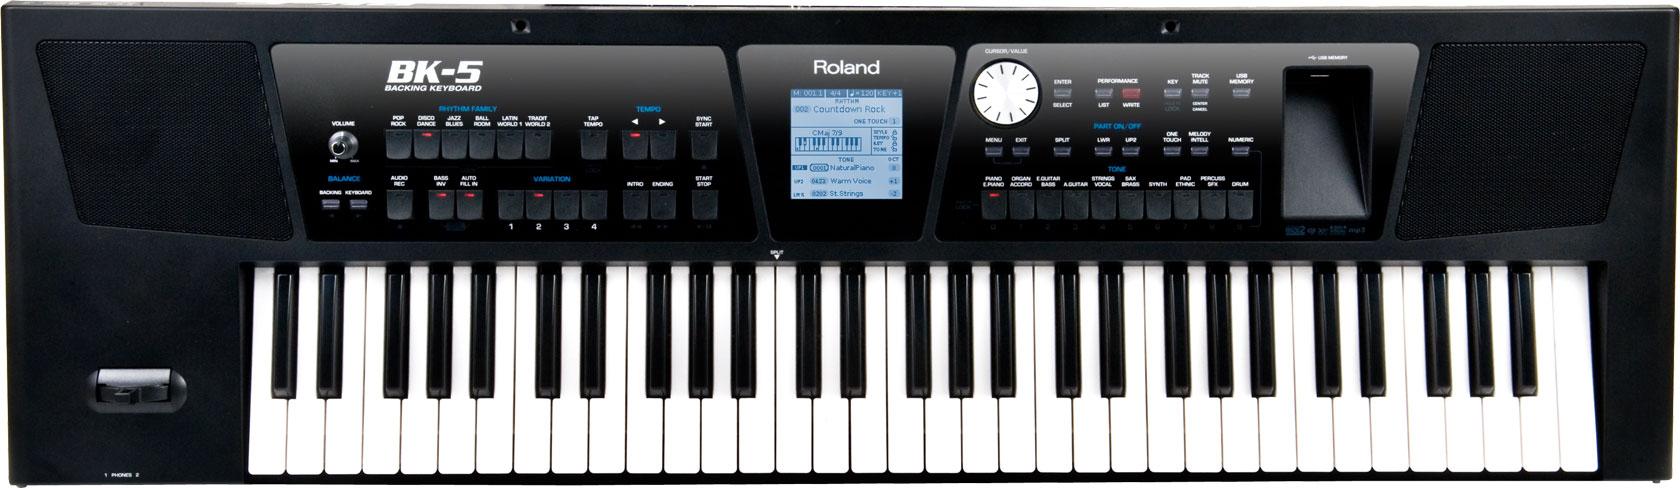 BK-5 | Backing Keyboard - Roland India